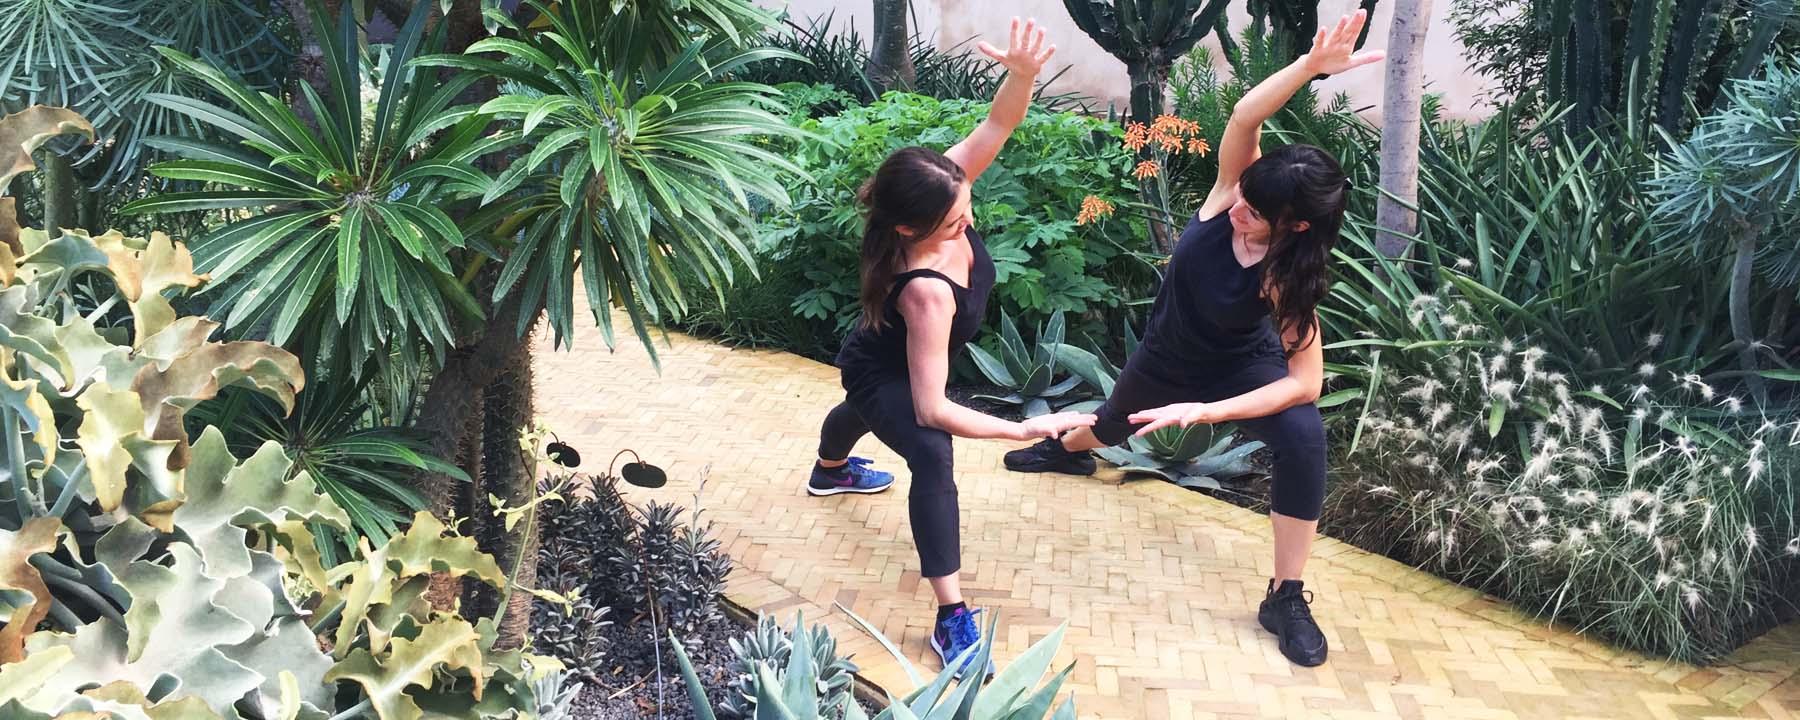 yoga-under-the-moroccan-sun_source-nosade